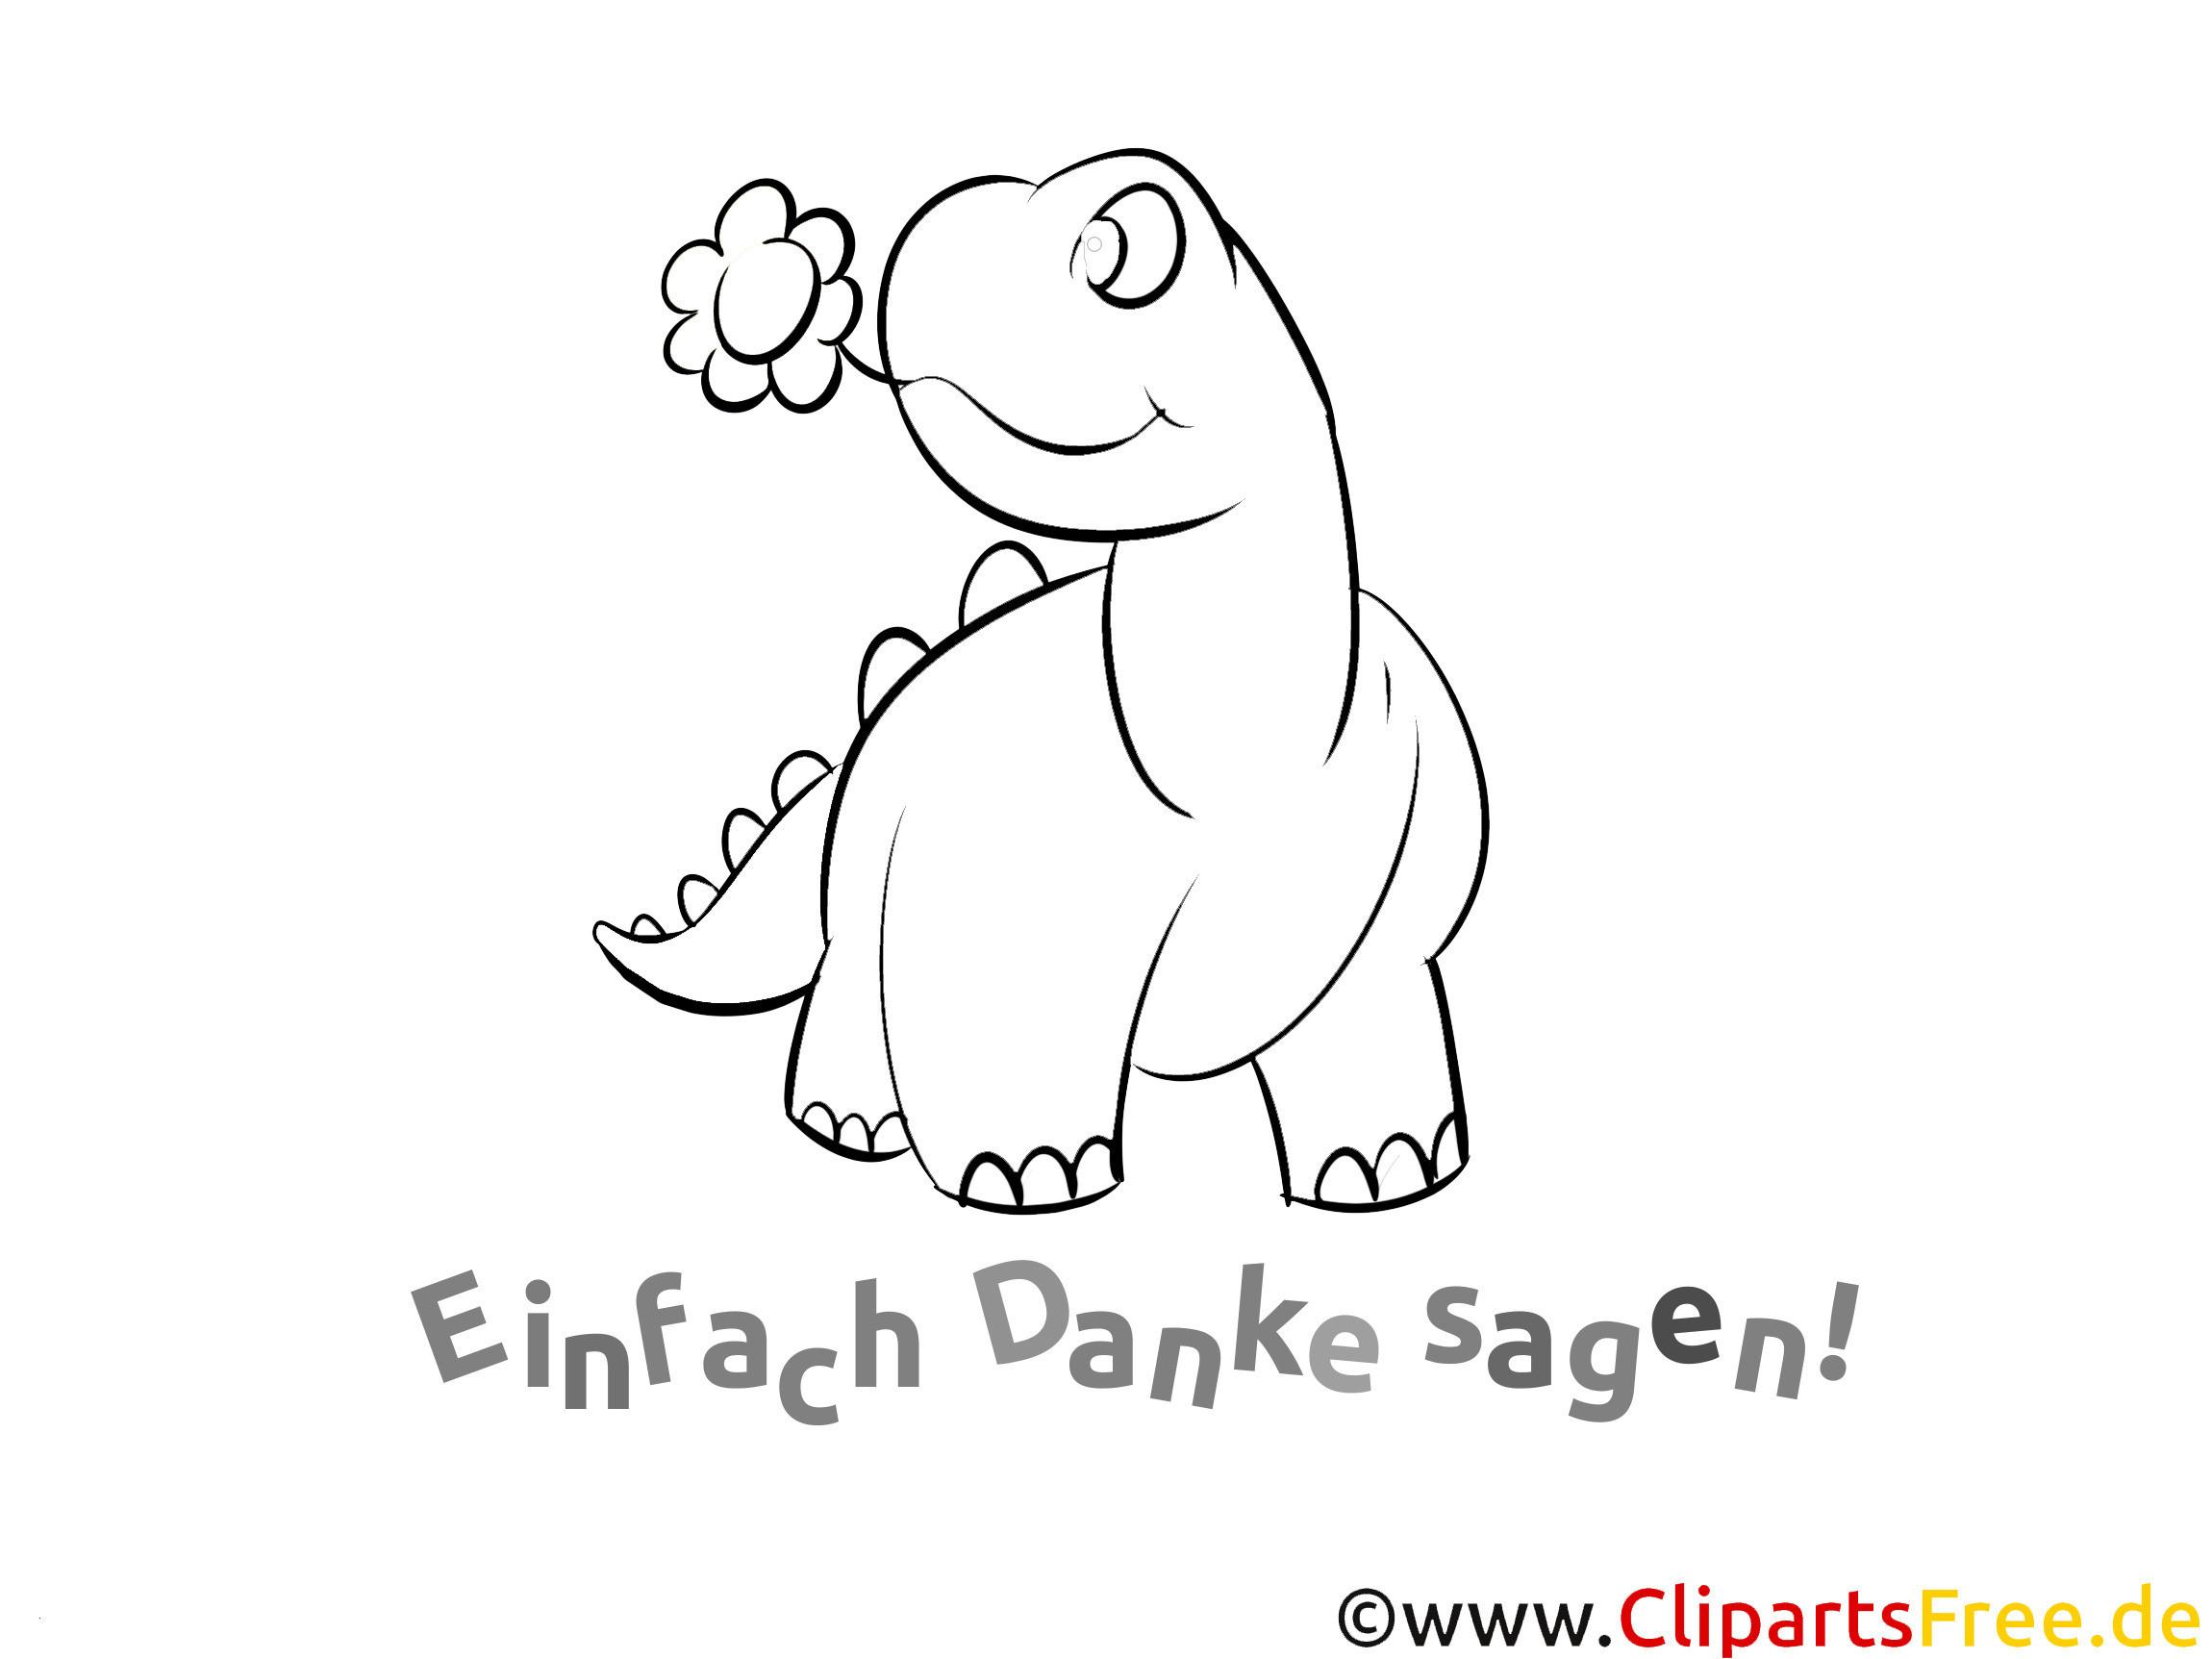 Ausmalbilder John Deere Neu Wrestling Ausmalbilder Frisch Dinosaurier Ausmalbilder Dankworte Zum Galerie